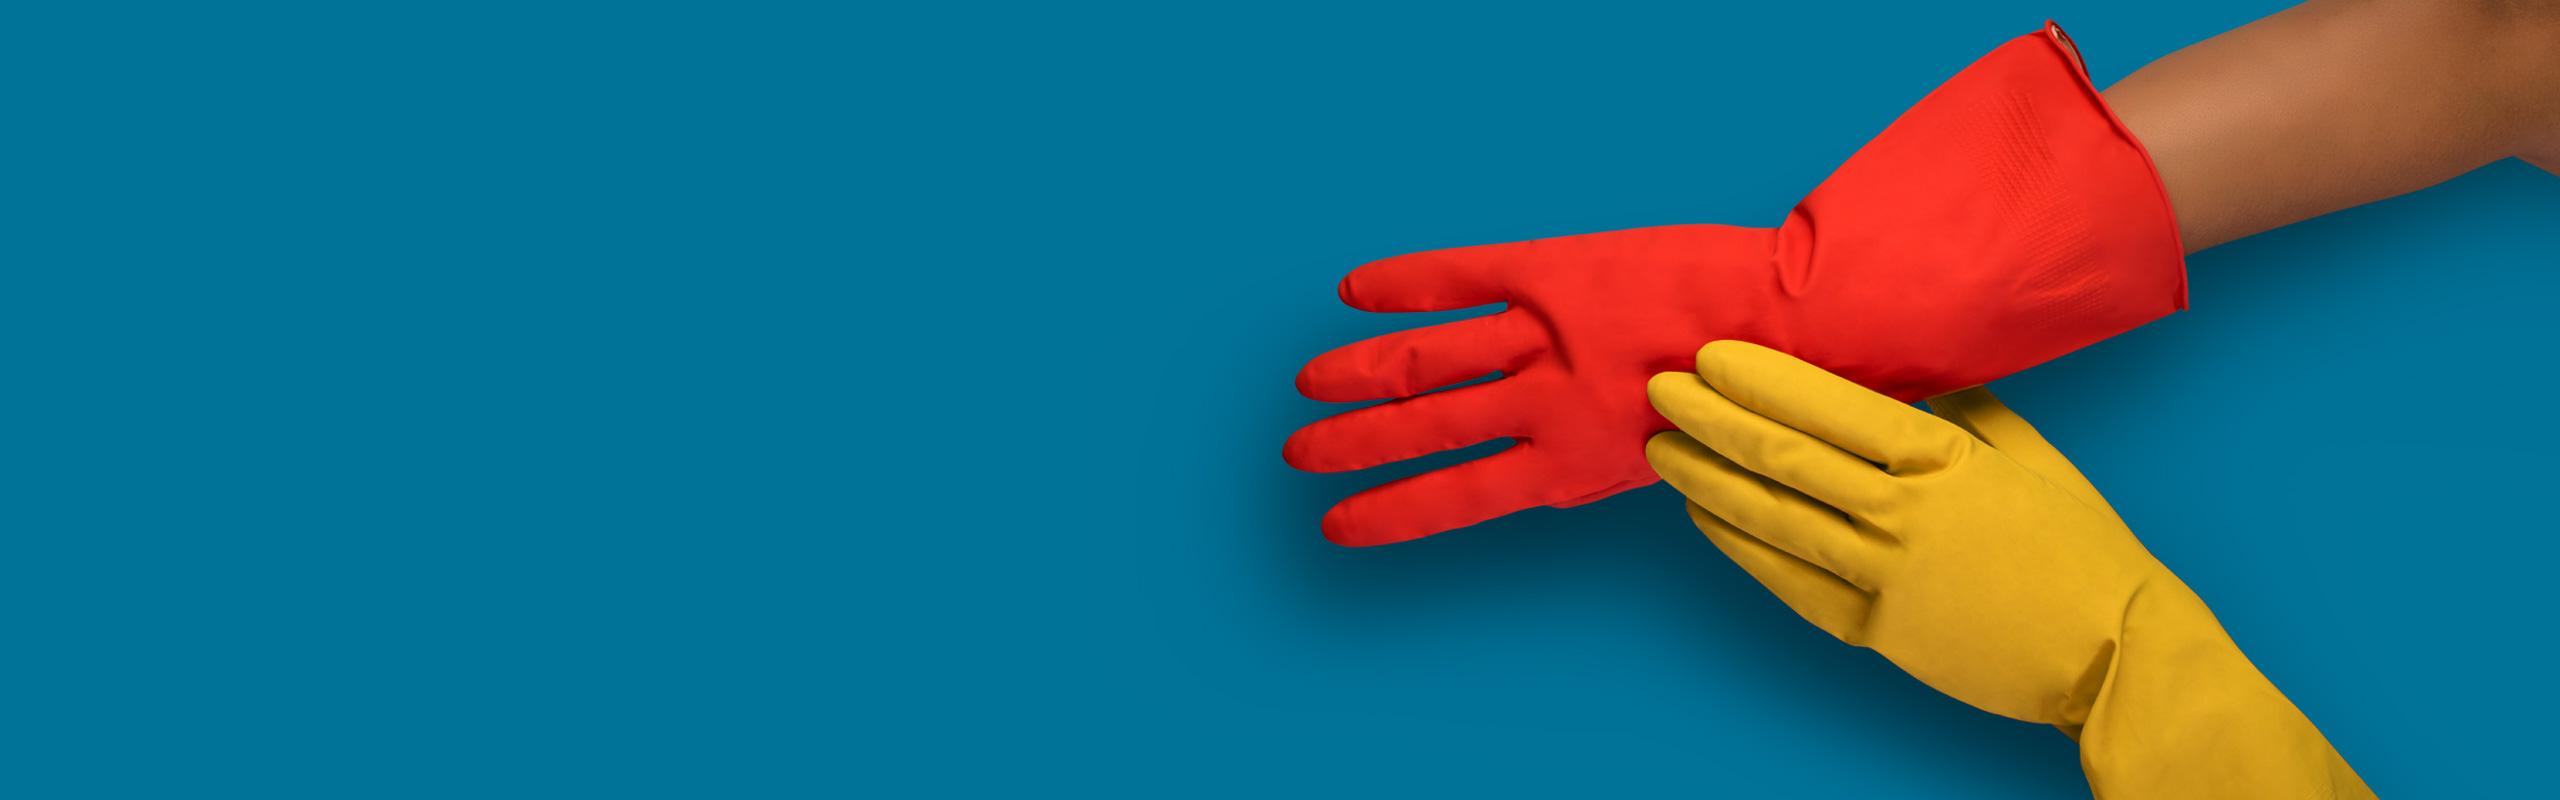 Schutz für Ihre Hand